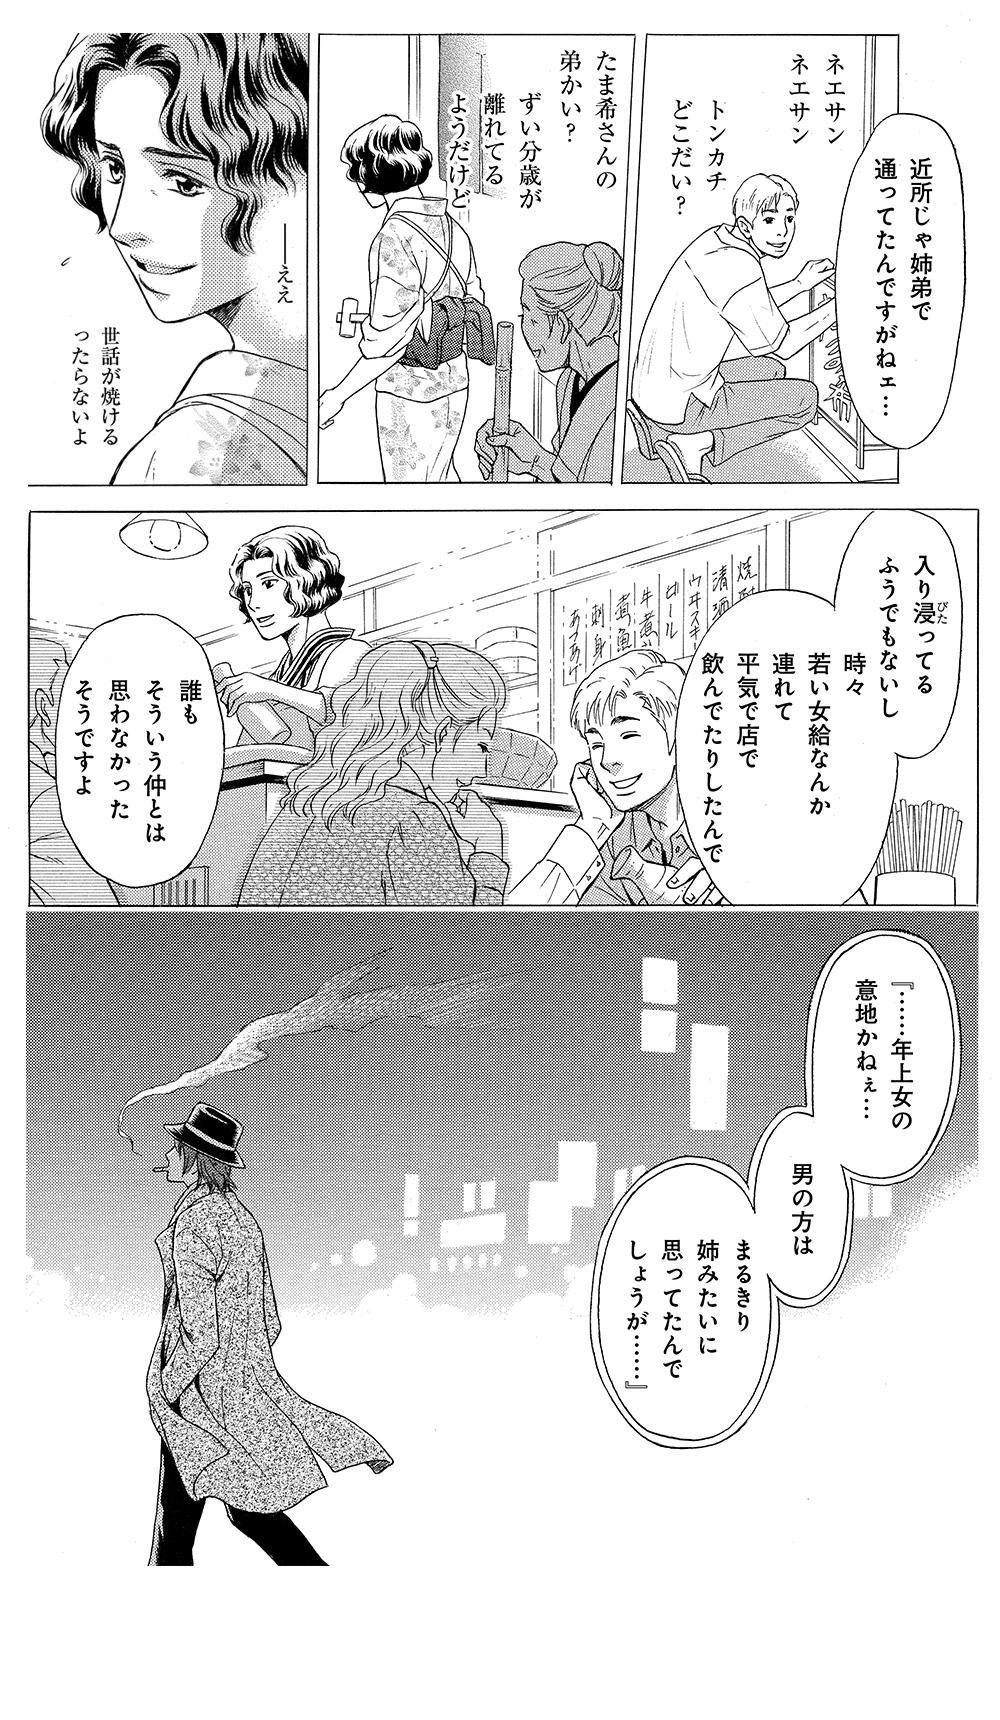 鵼の絵師 第2話「おきみやげ」②nuenoeshi04-12.jpg